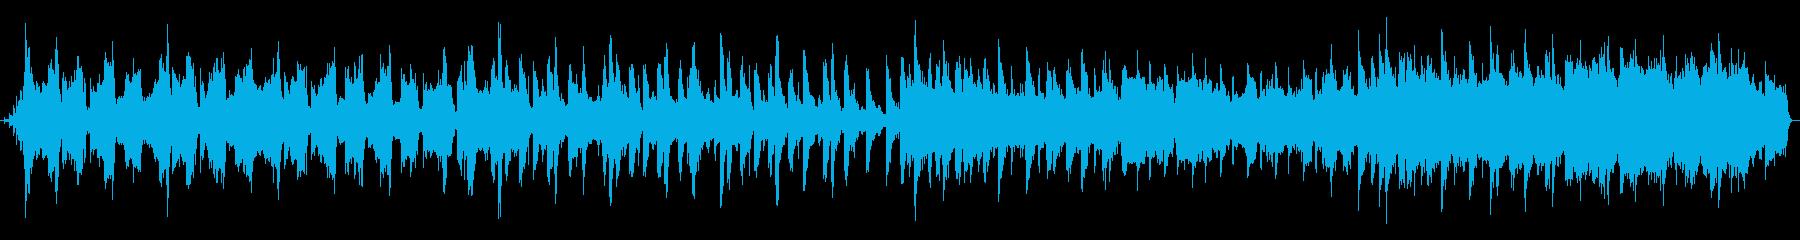 夏、民族、映像に合うトロピカルハウスCMの再生済みの波形